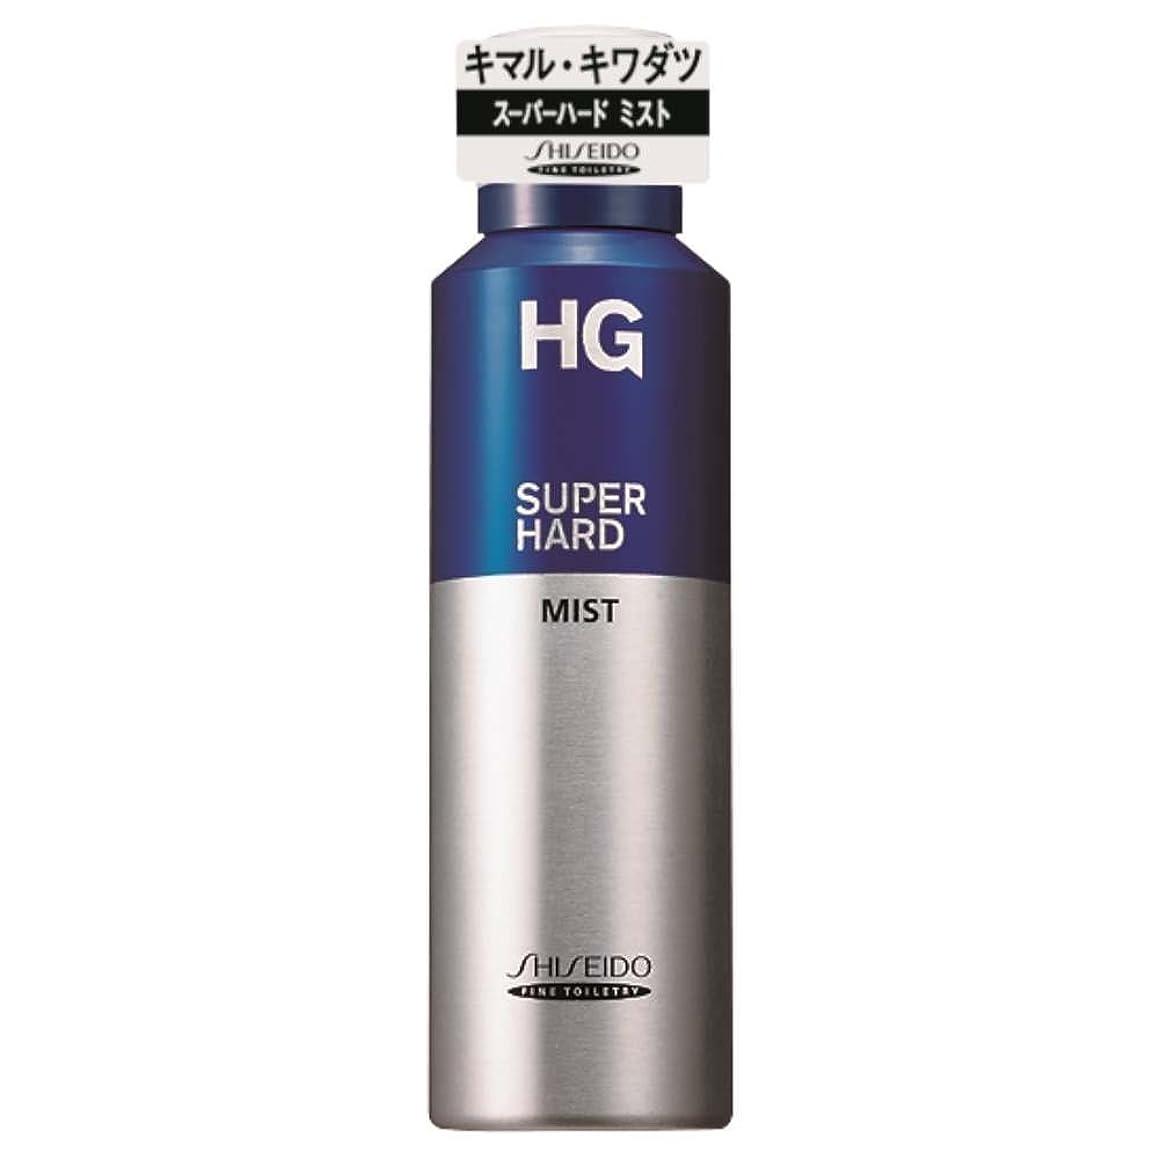 有罪厄介な制限するHG スーパーハードミストa 150g